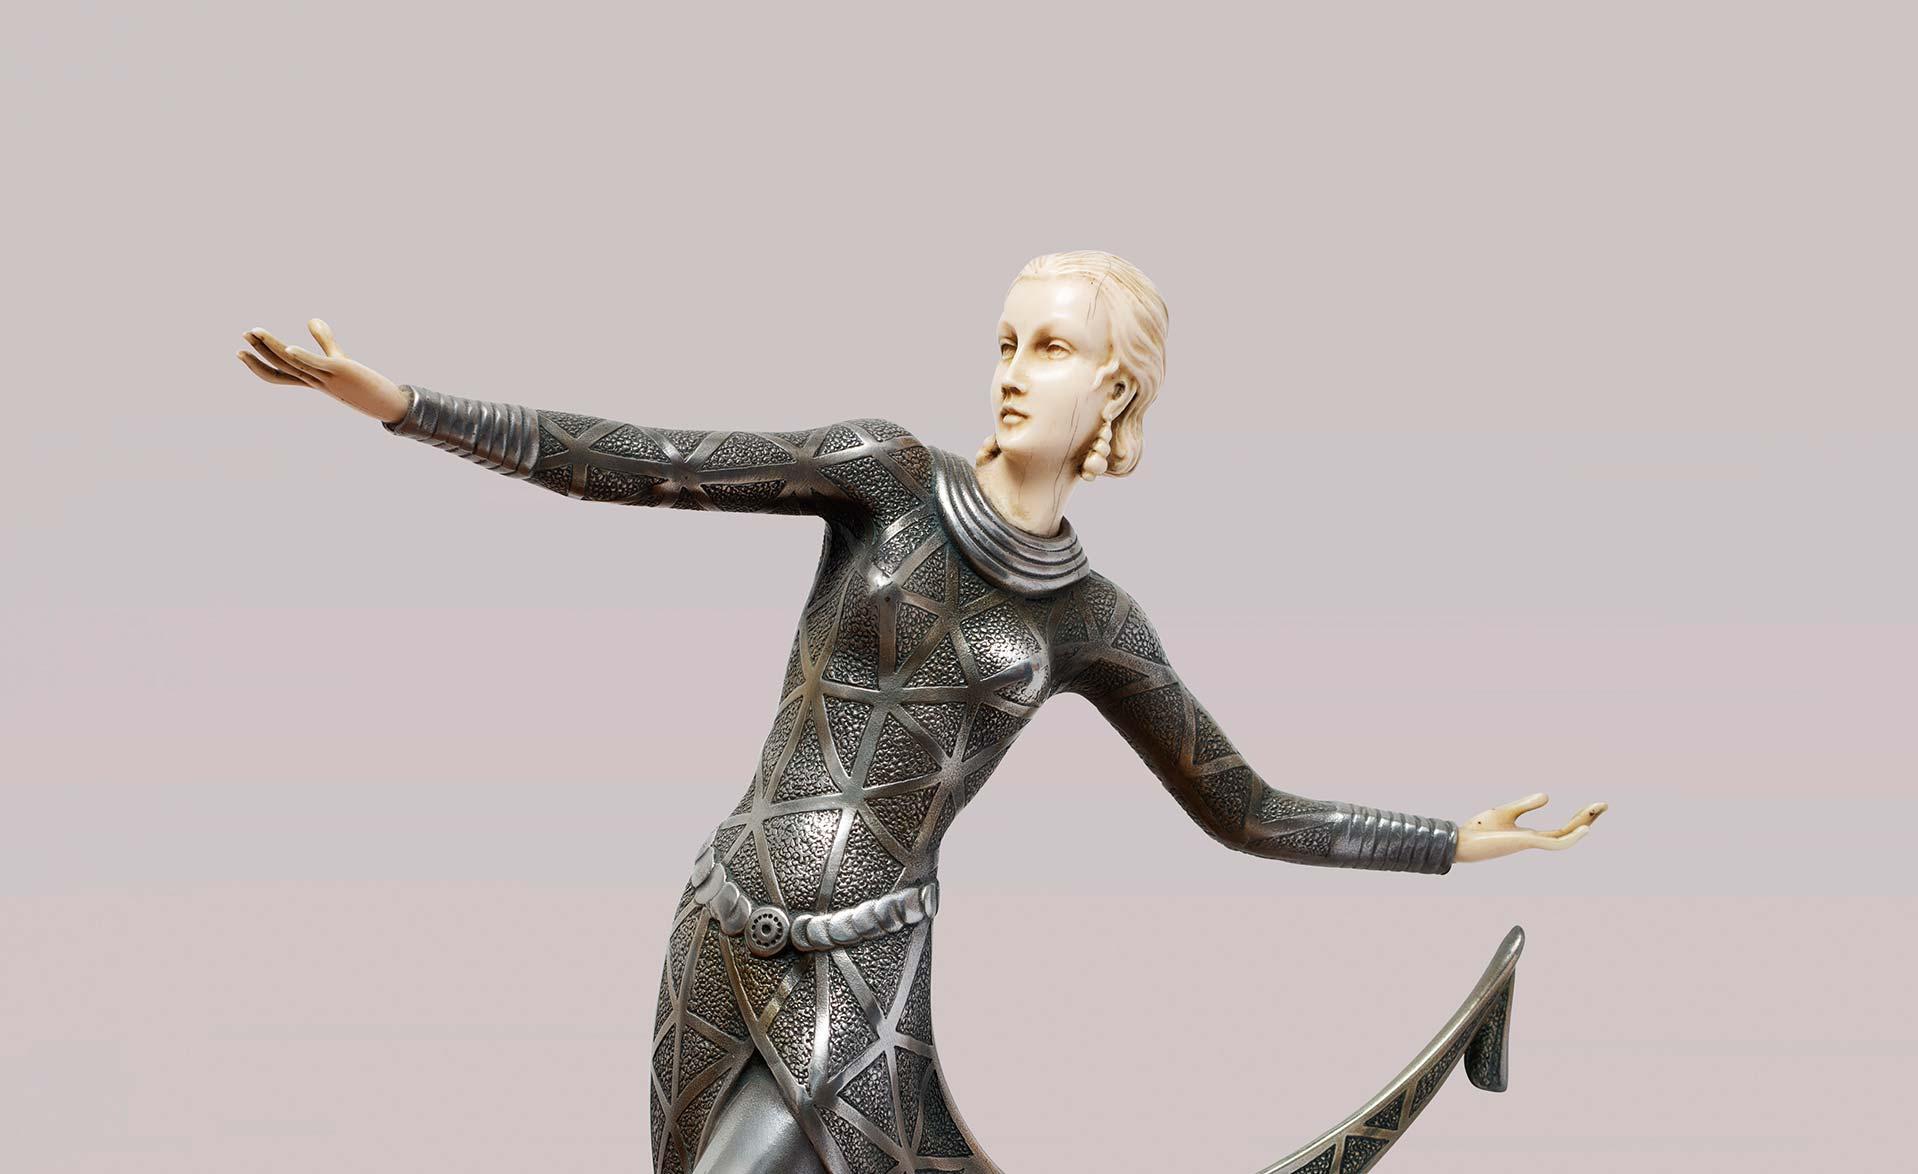 Criselefantina-deco-anni-20-raffigurante-una-danzatrice-Firmata-Lorenzi-vendita-arredamento-di-design-asolo-treviso-vicenza-italia-a